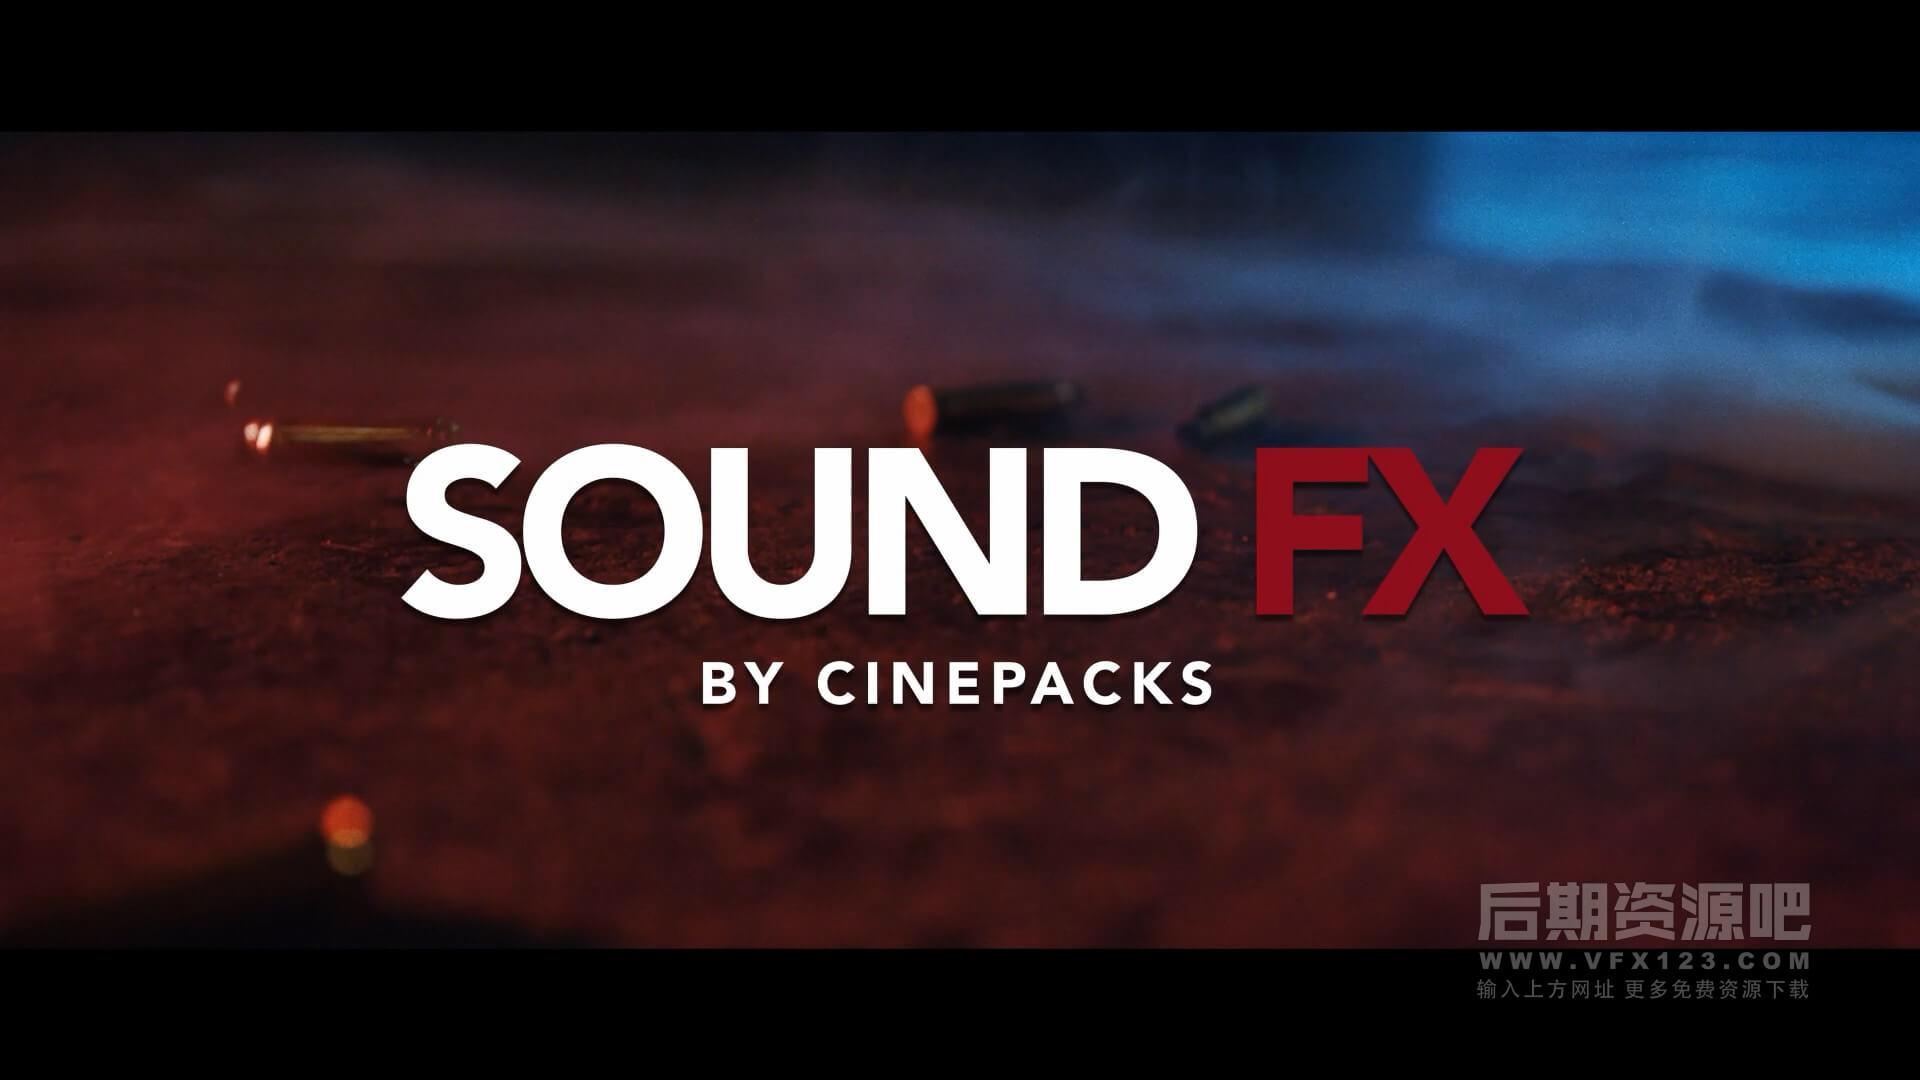 音效素材 100+电影预告片常用环境音效集合 CinePacks Sound FX